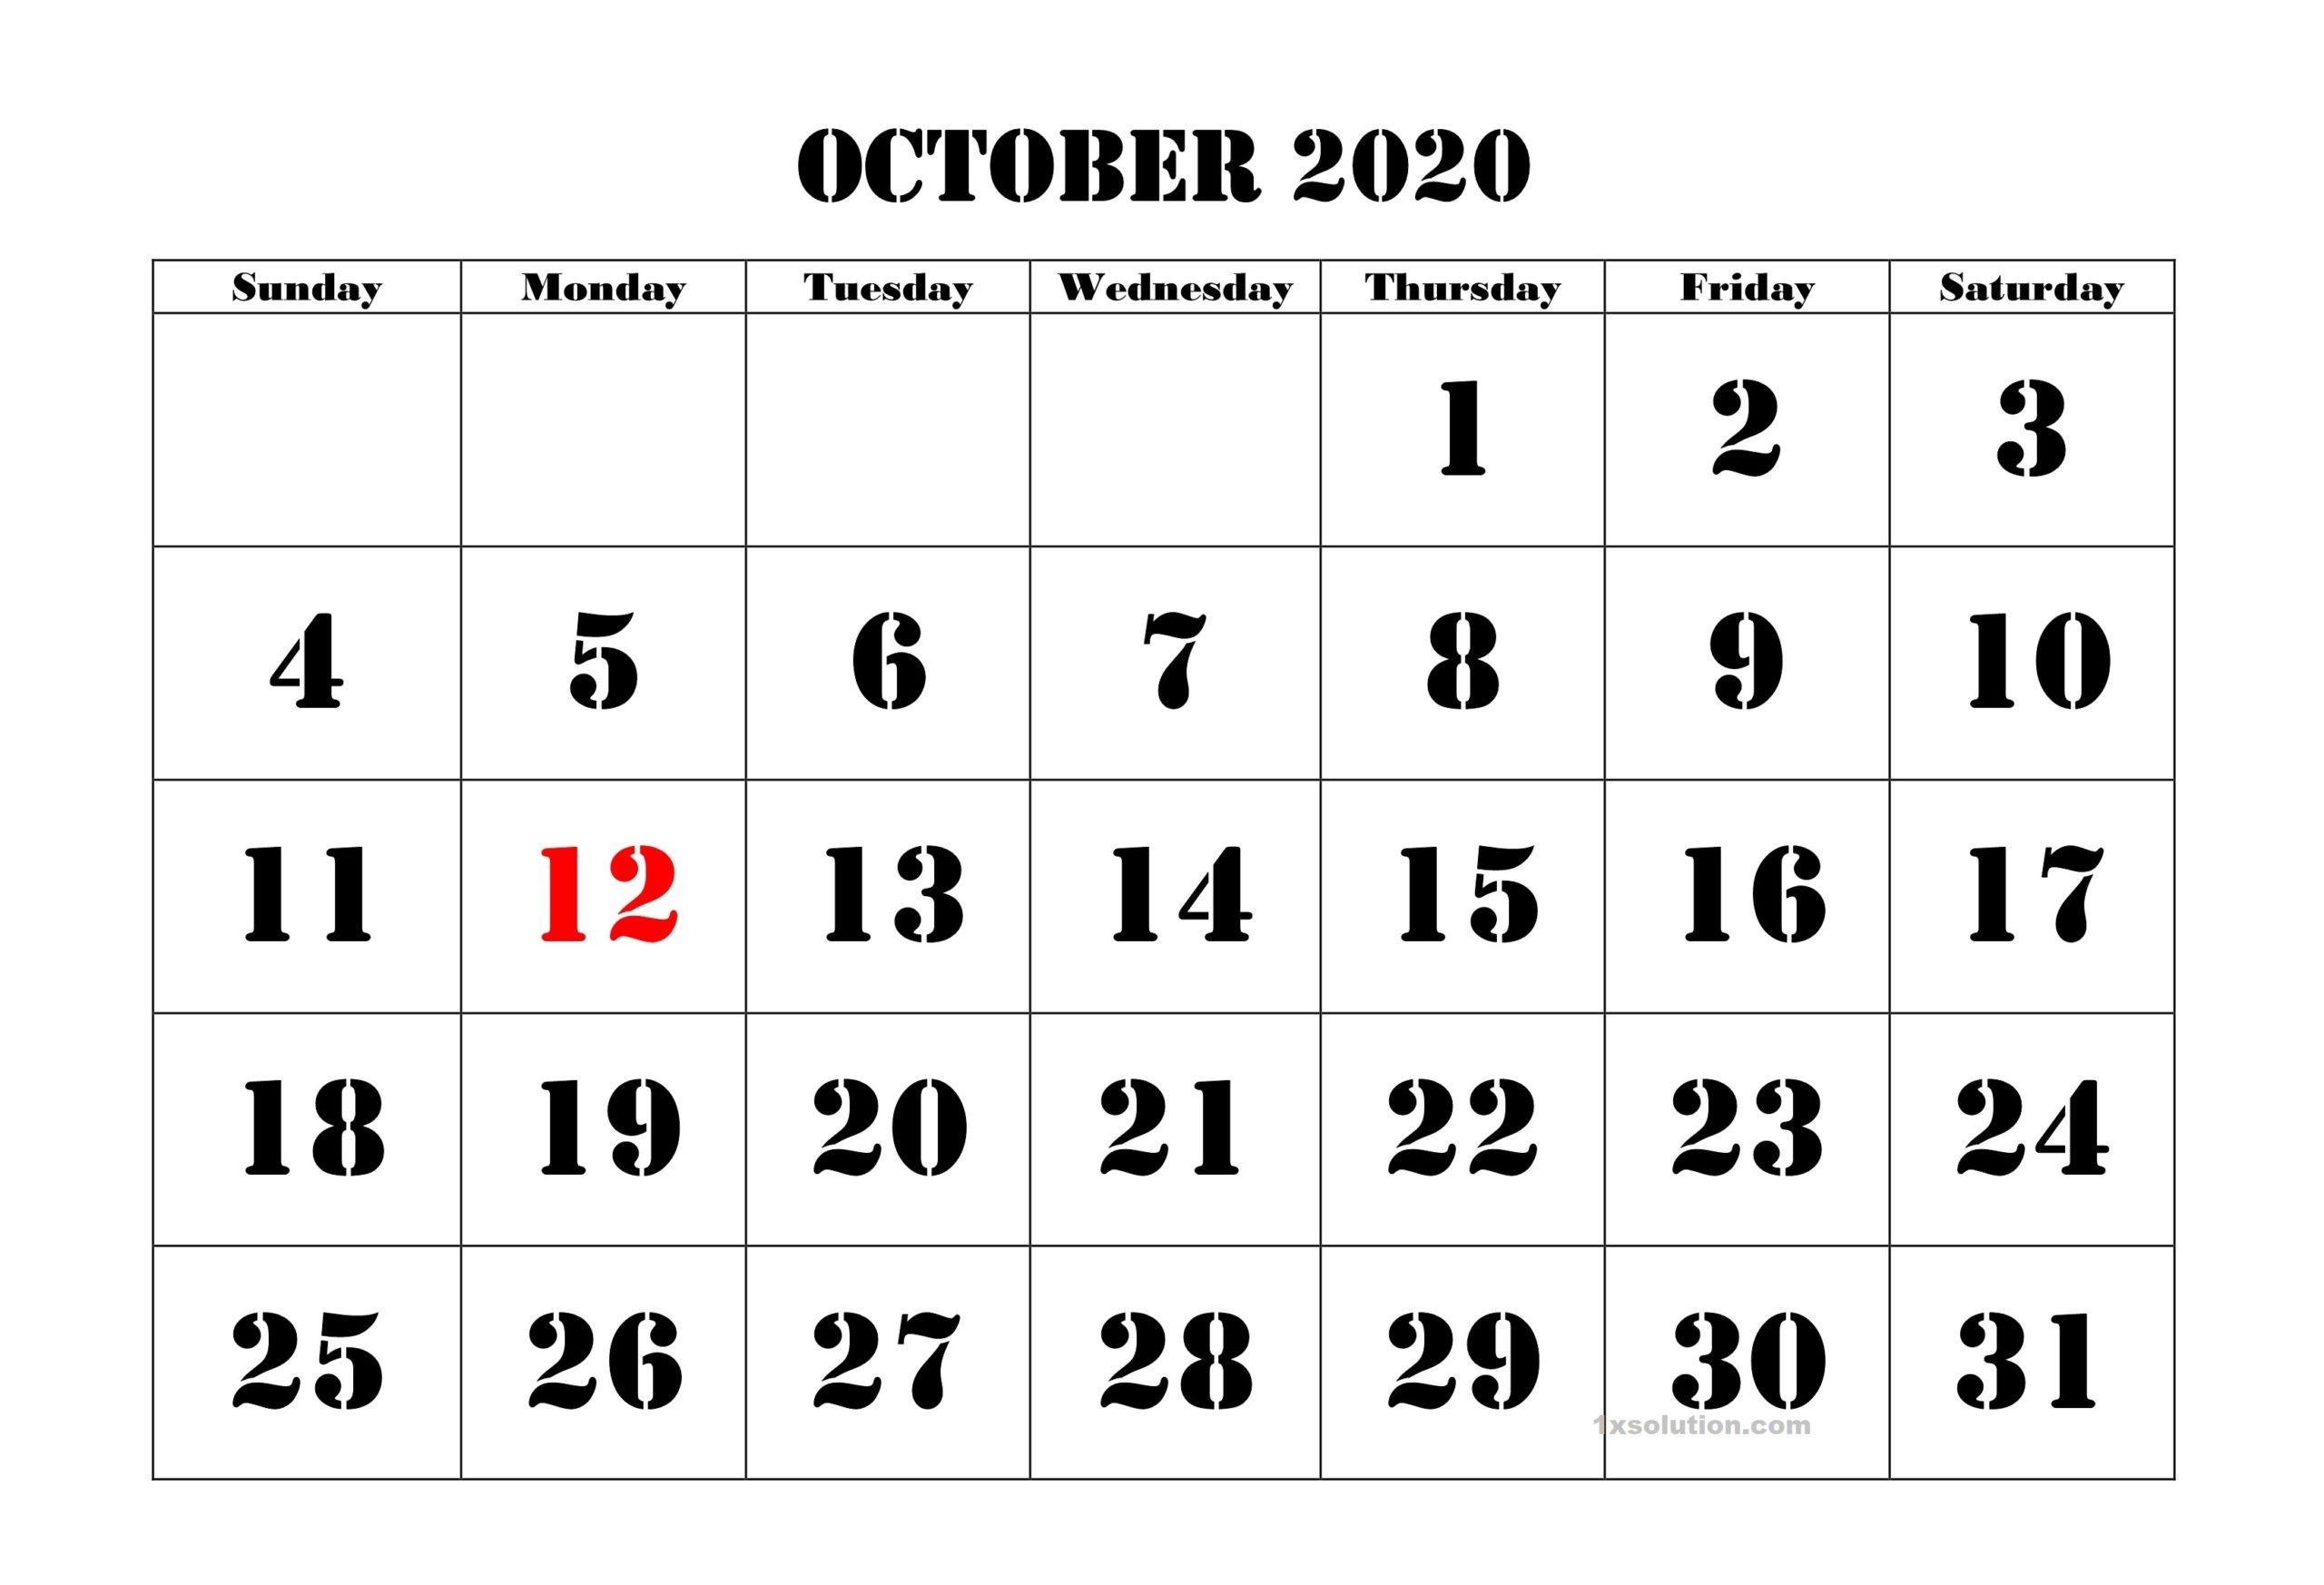 October 2020 Printable Calendar Sheet